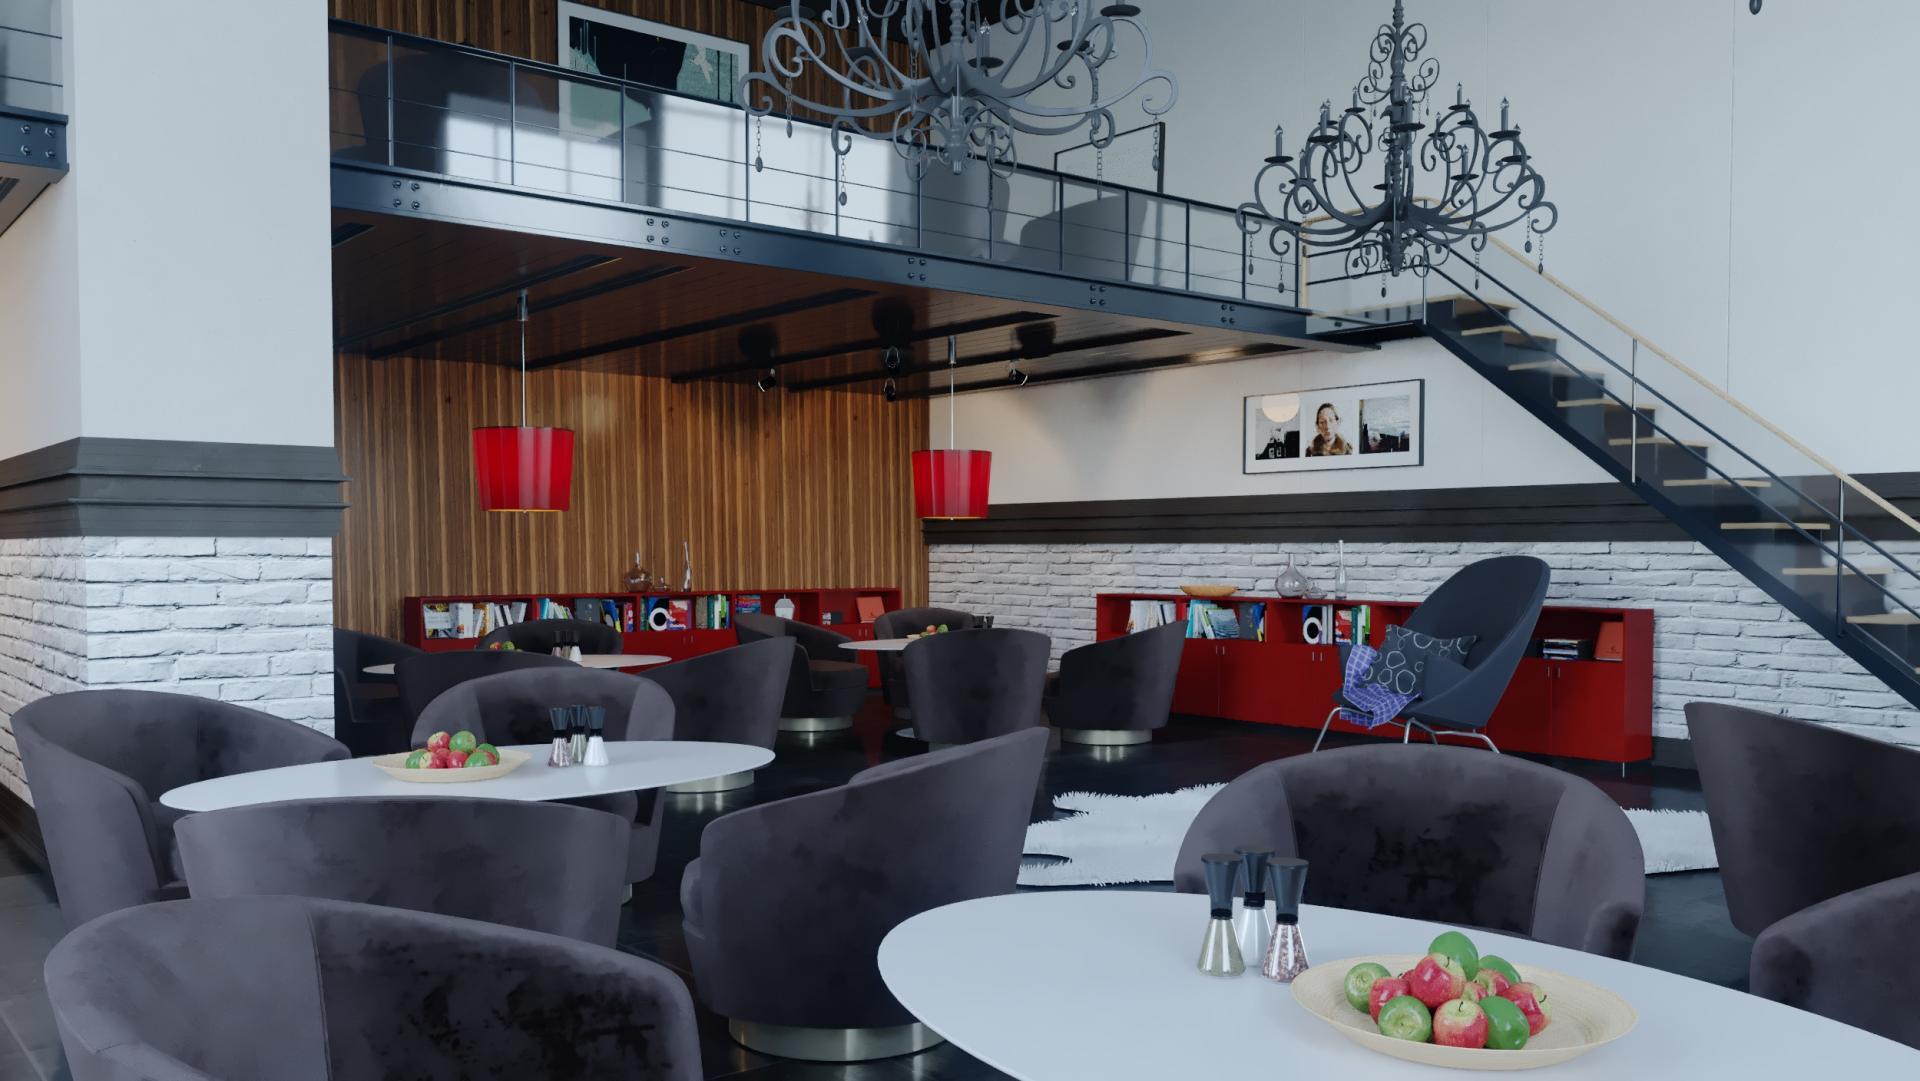 Restaurant Dekorasyon Projesi